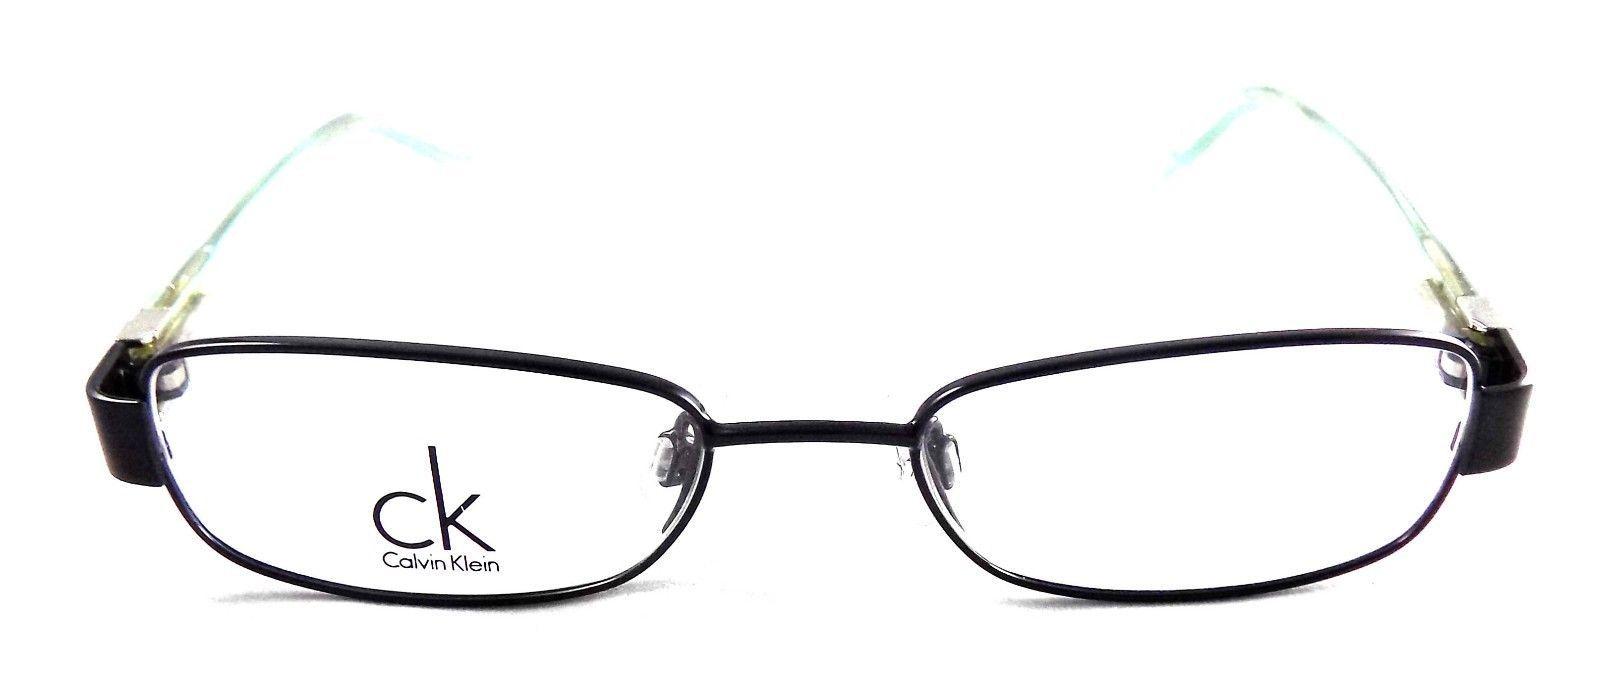 Calvin Klein CK5298 01 Women's Eyeglasses Frames SMALL 46-16-125 Black